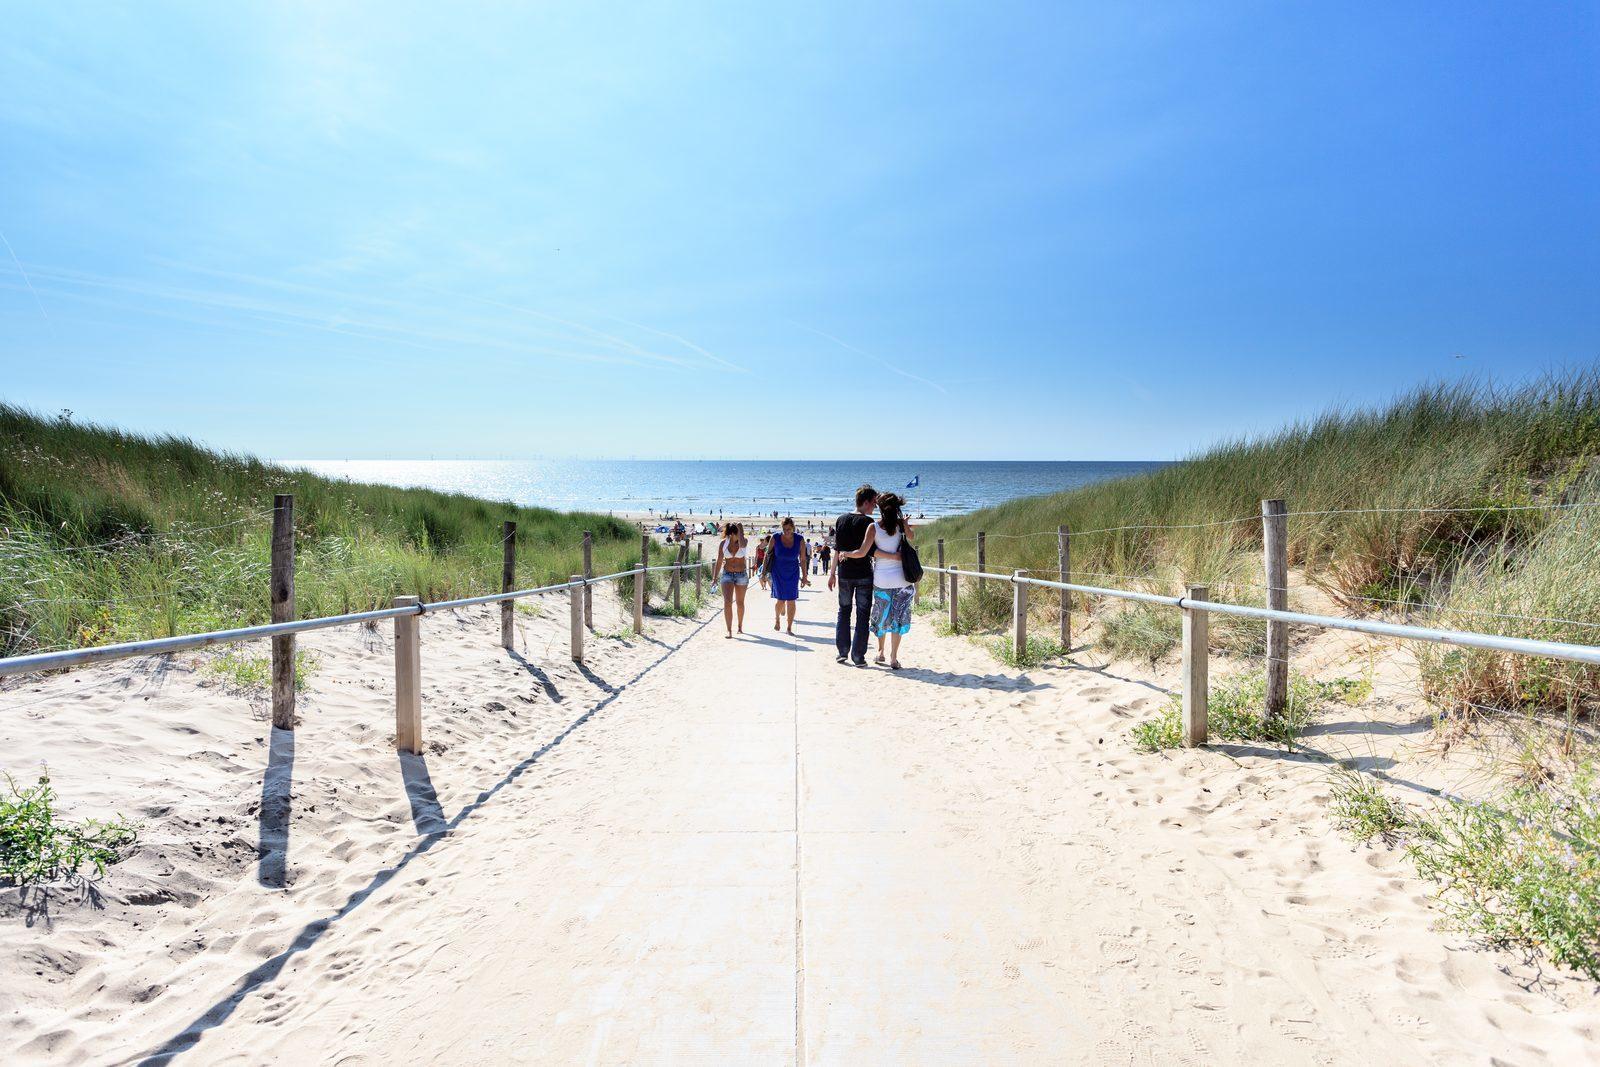 Strand Recreatiepark de Woudhoeve